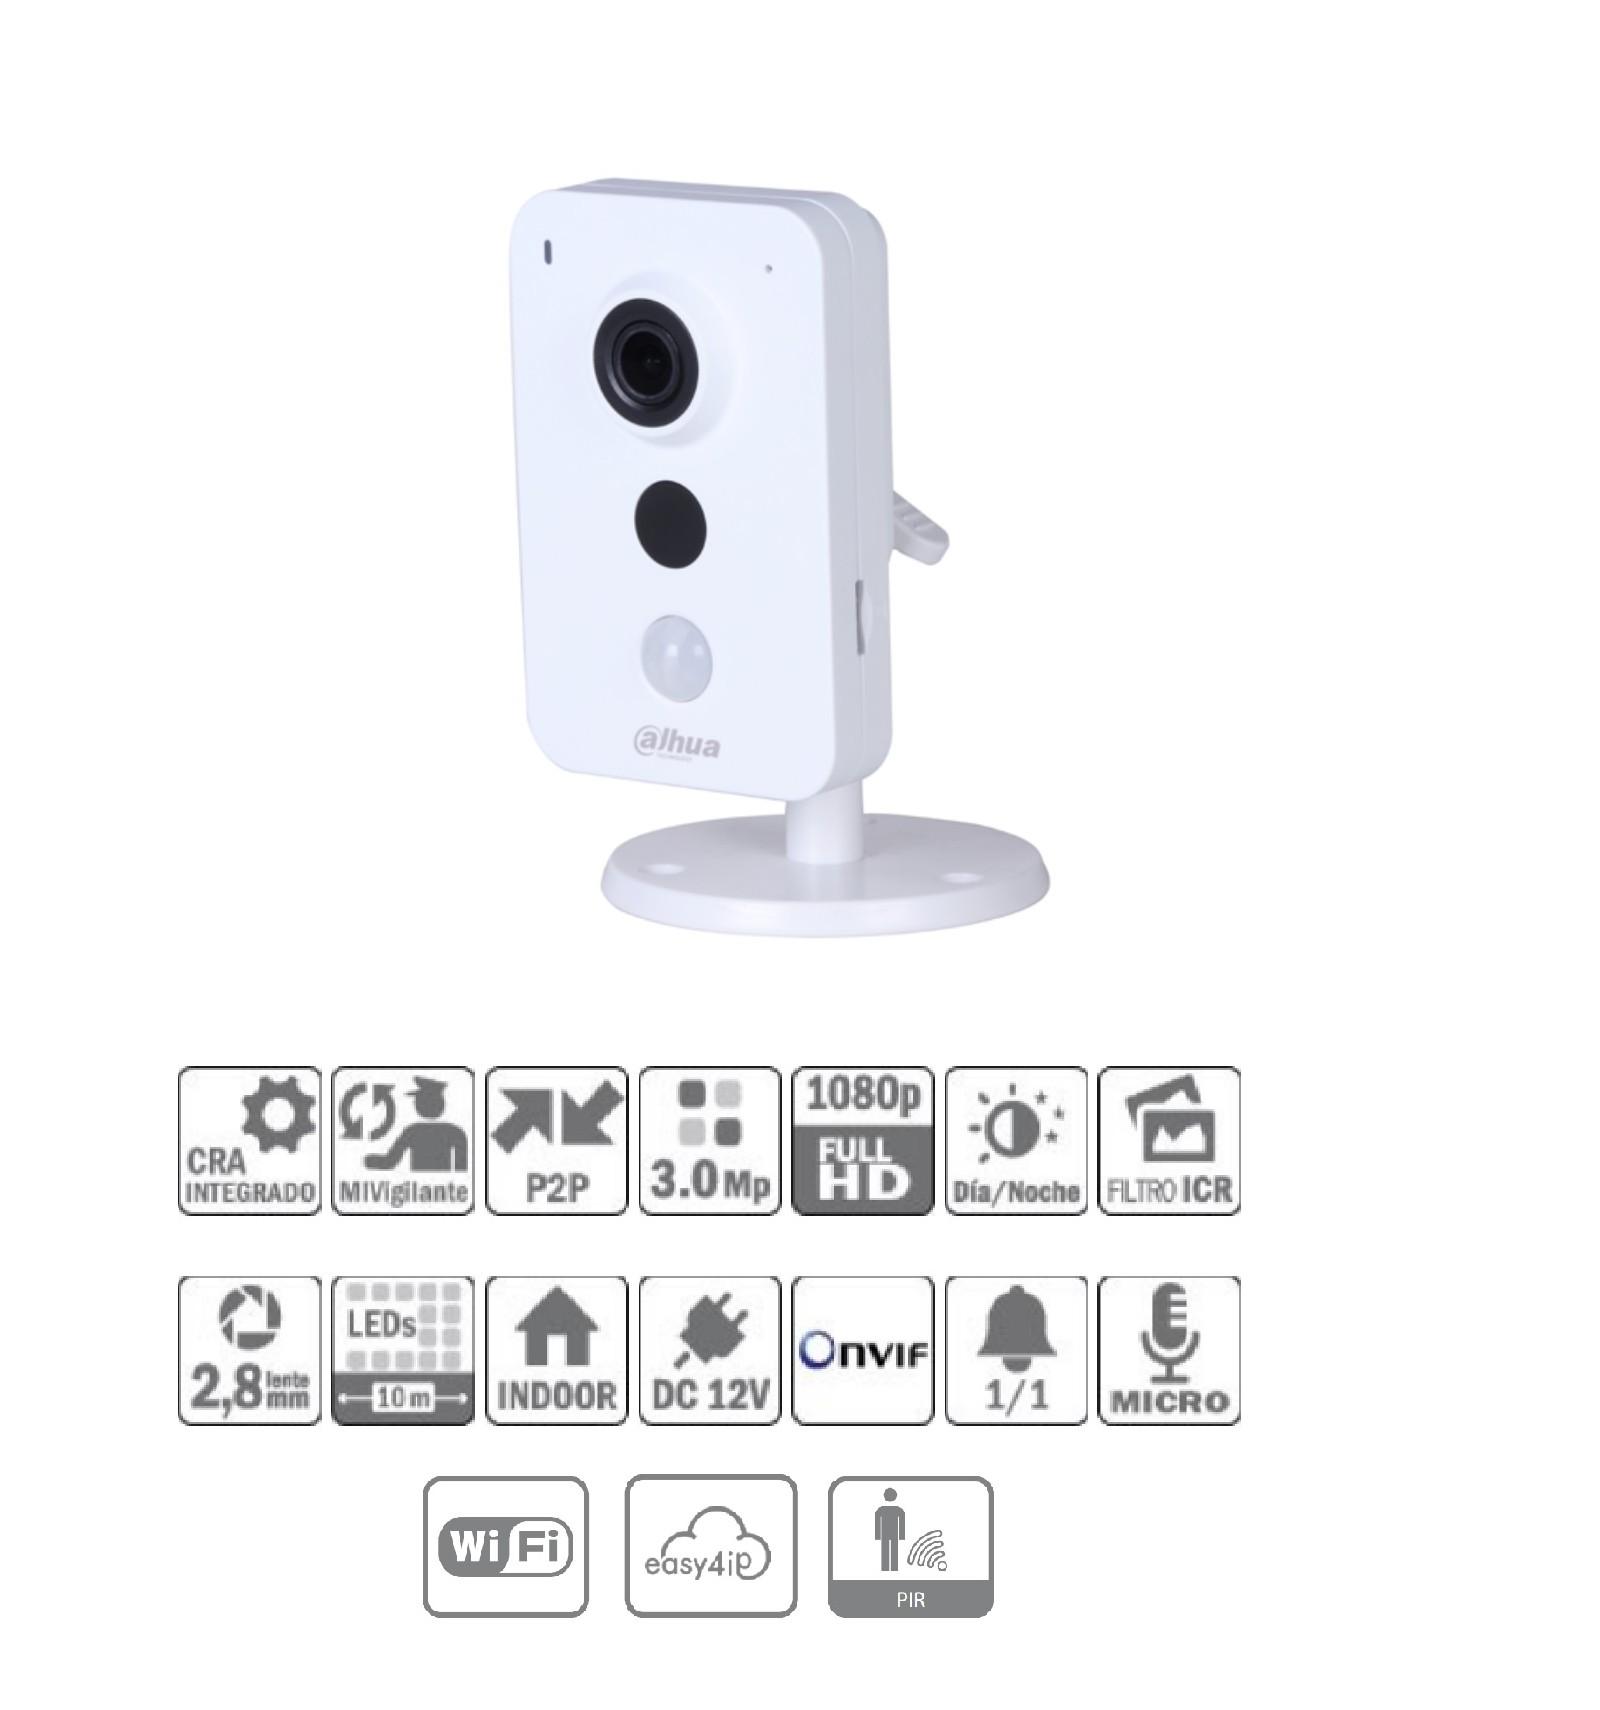 Camara de vigilancia ip wifi cubo 3mp con audio y - Camaras de vigilancia ip wifi ...